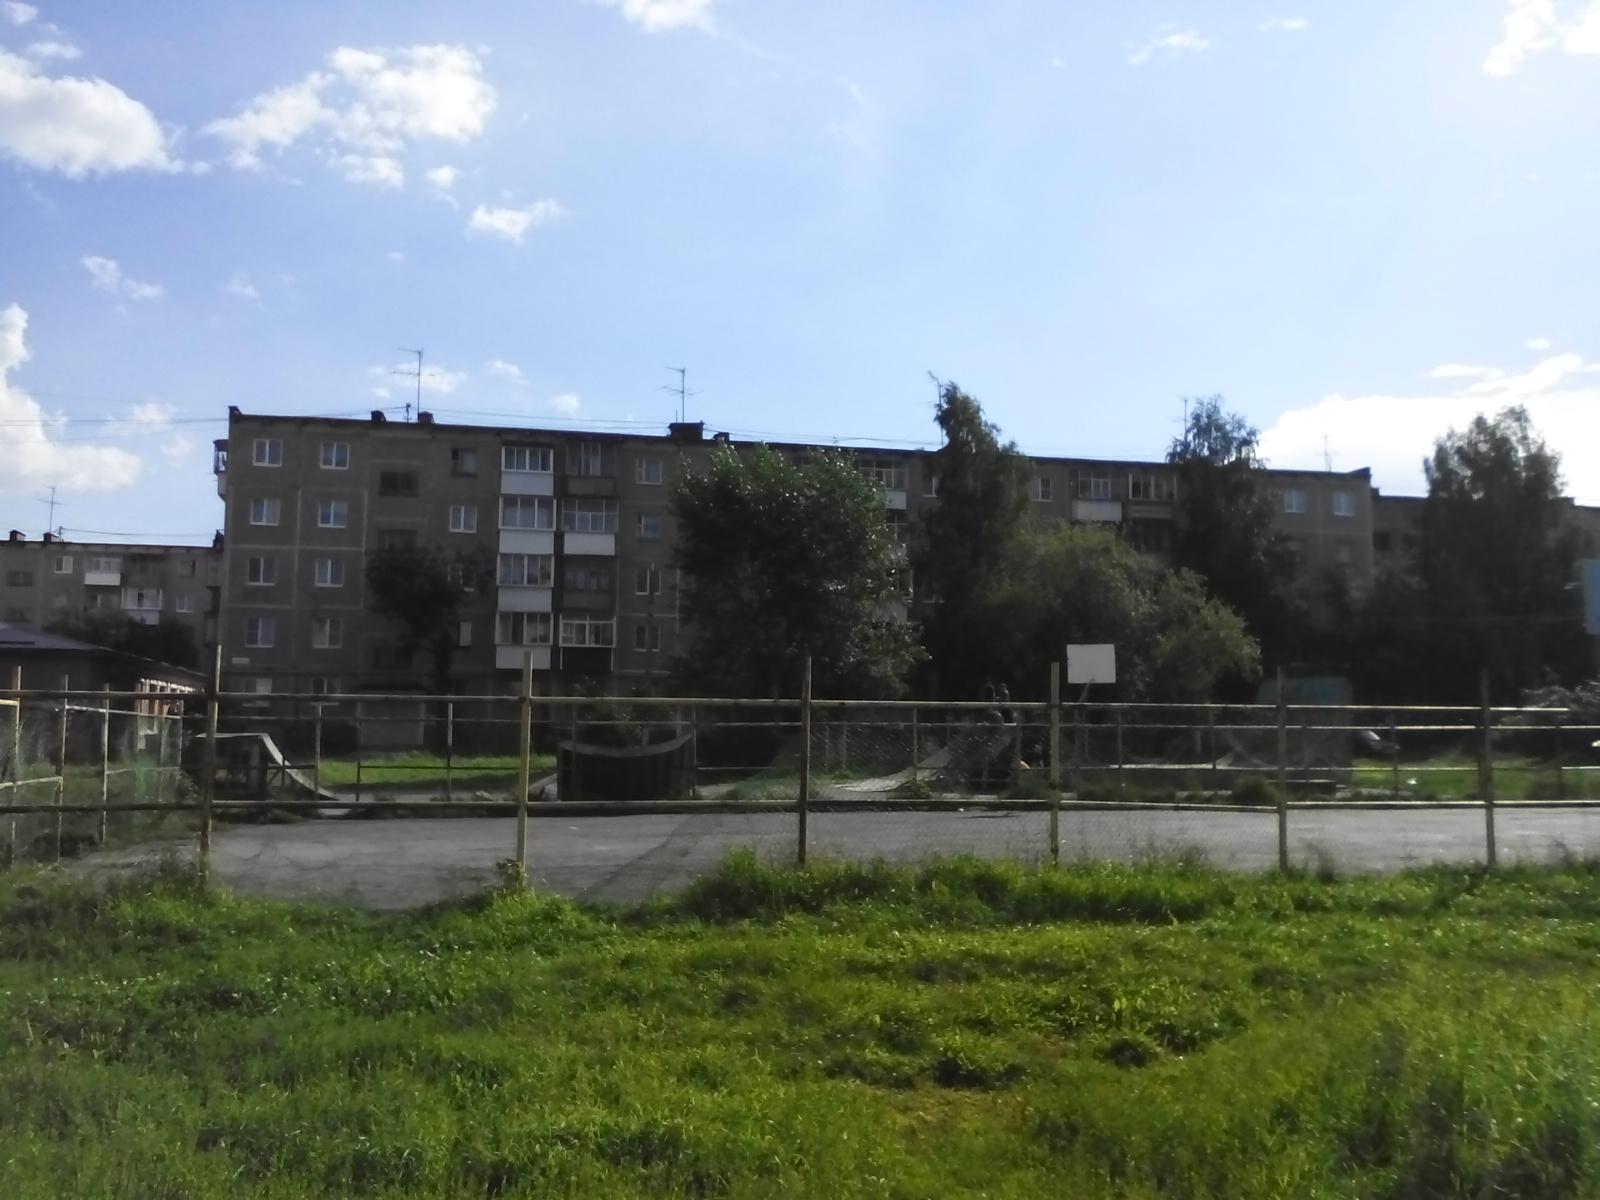 наоборот продается дом: г ревда район школы 3 88 людей нашей